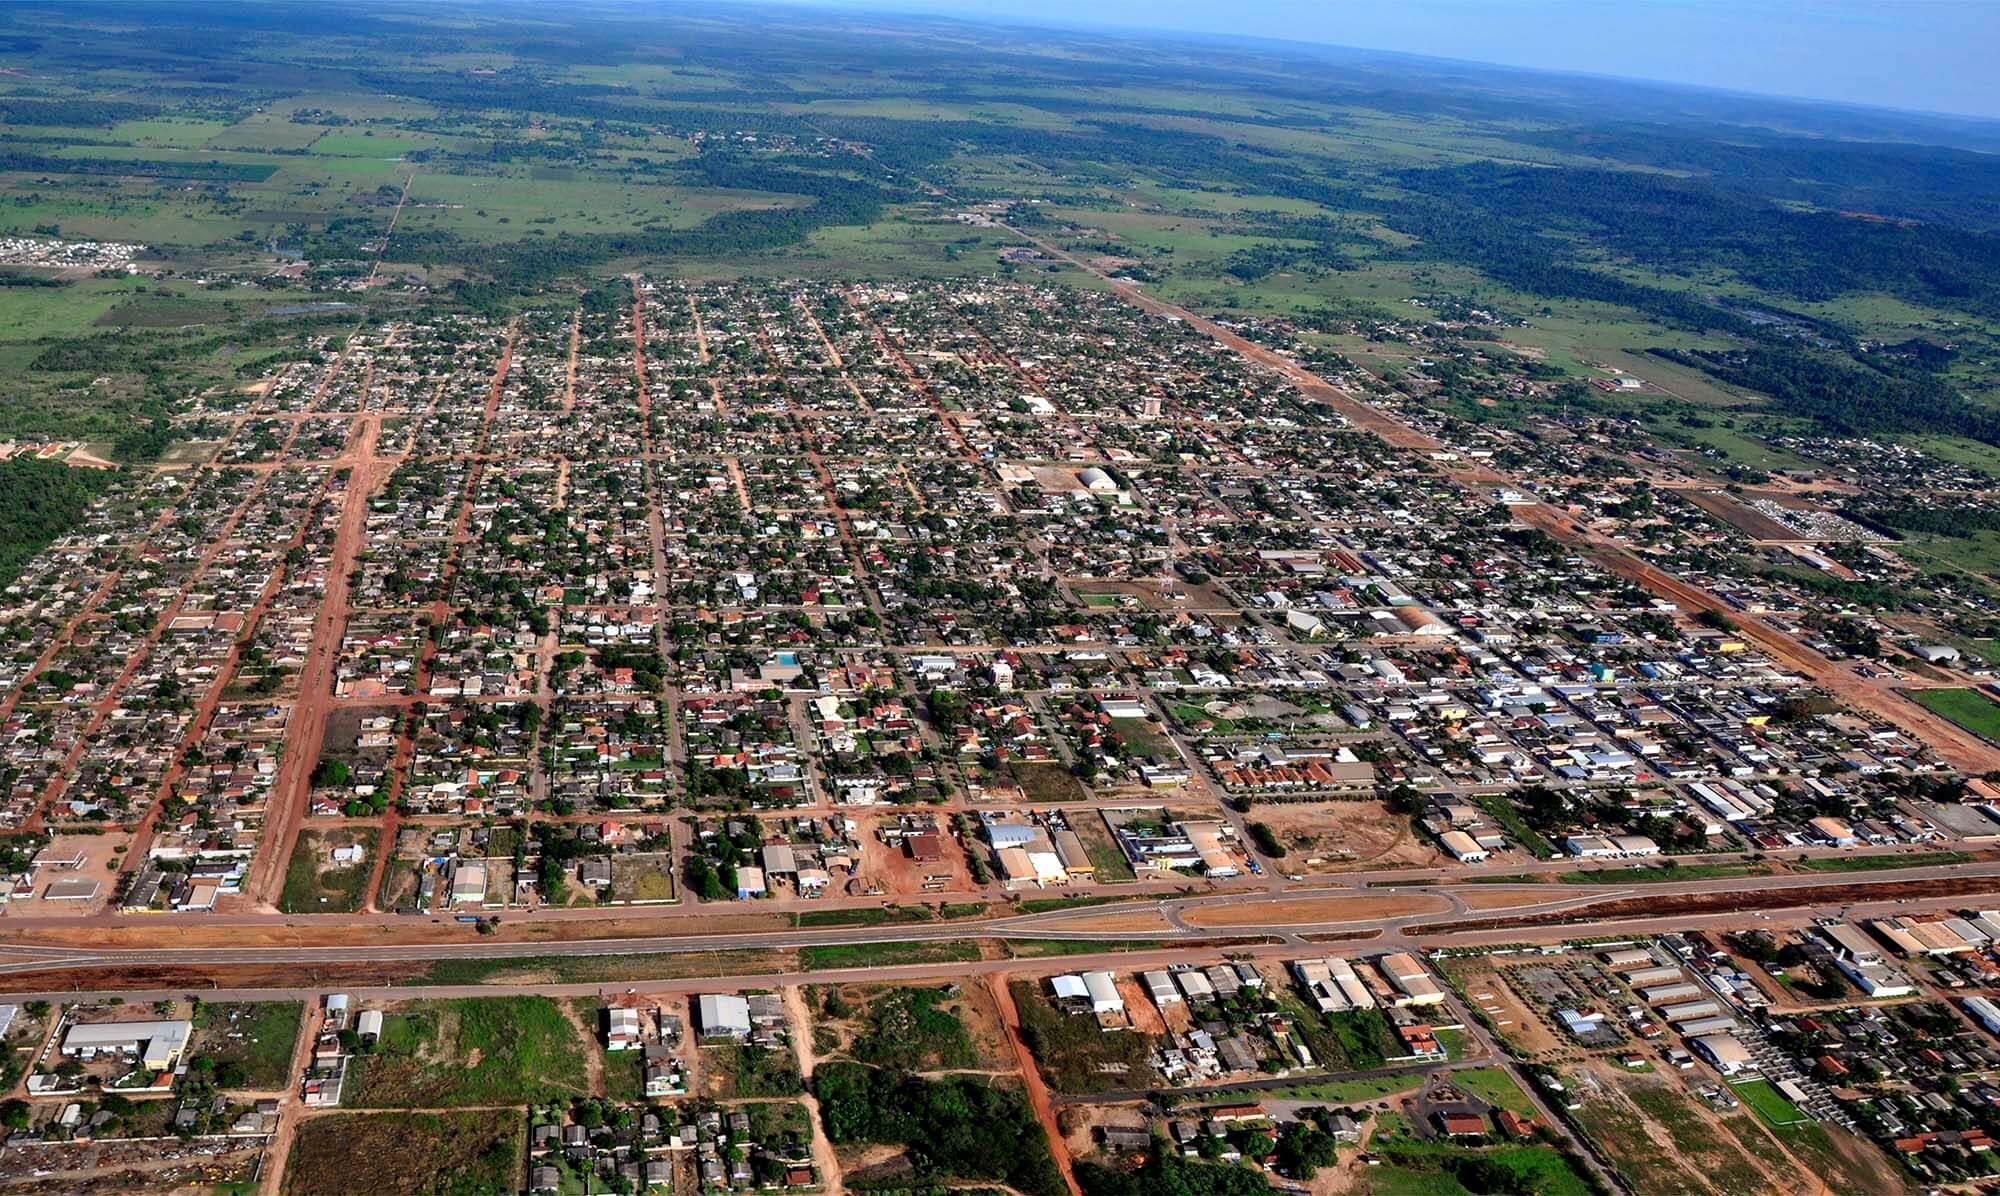 Novo Mundo Mato Grosso fonte: blog-static.infra.grancursosonline.com.br